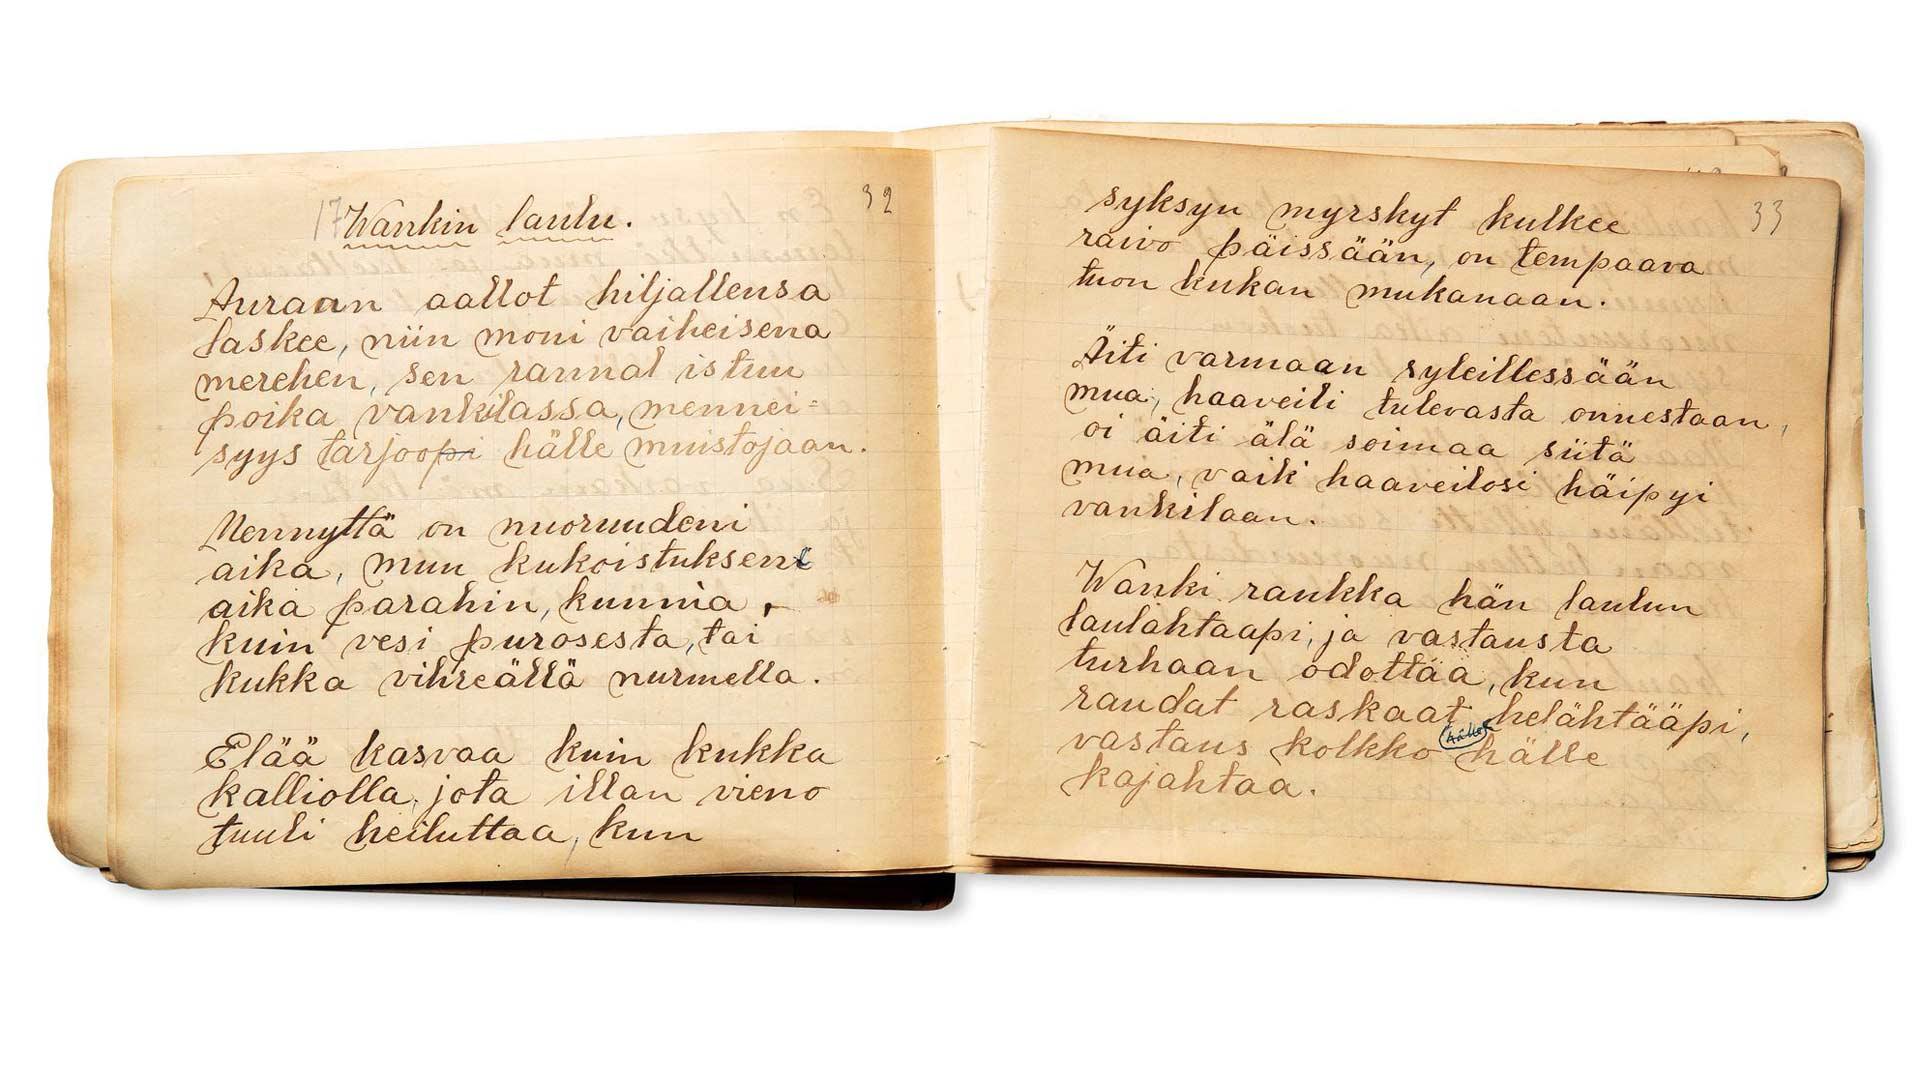 Lydia Rantanen kirjoitti kirjaansa myös herkän ja surullisen wankin eli vangin laulun.